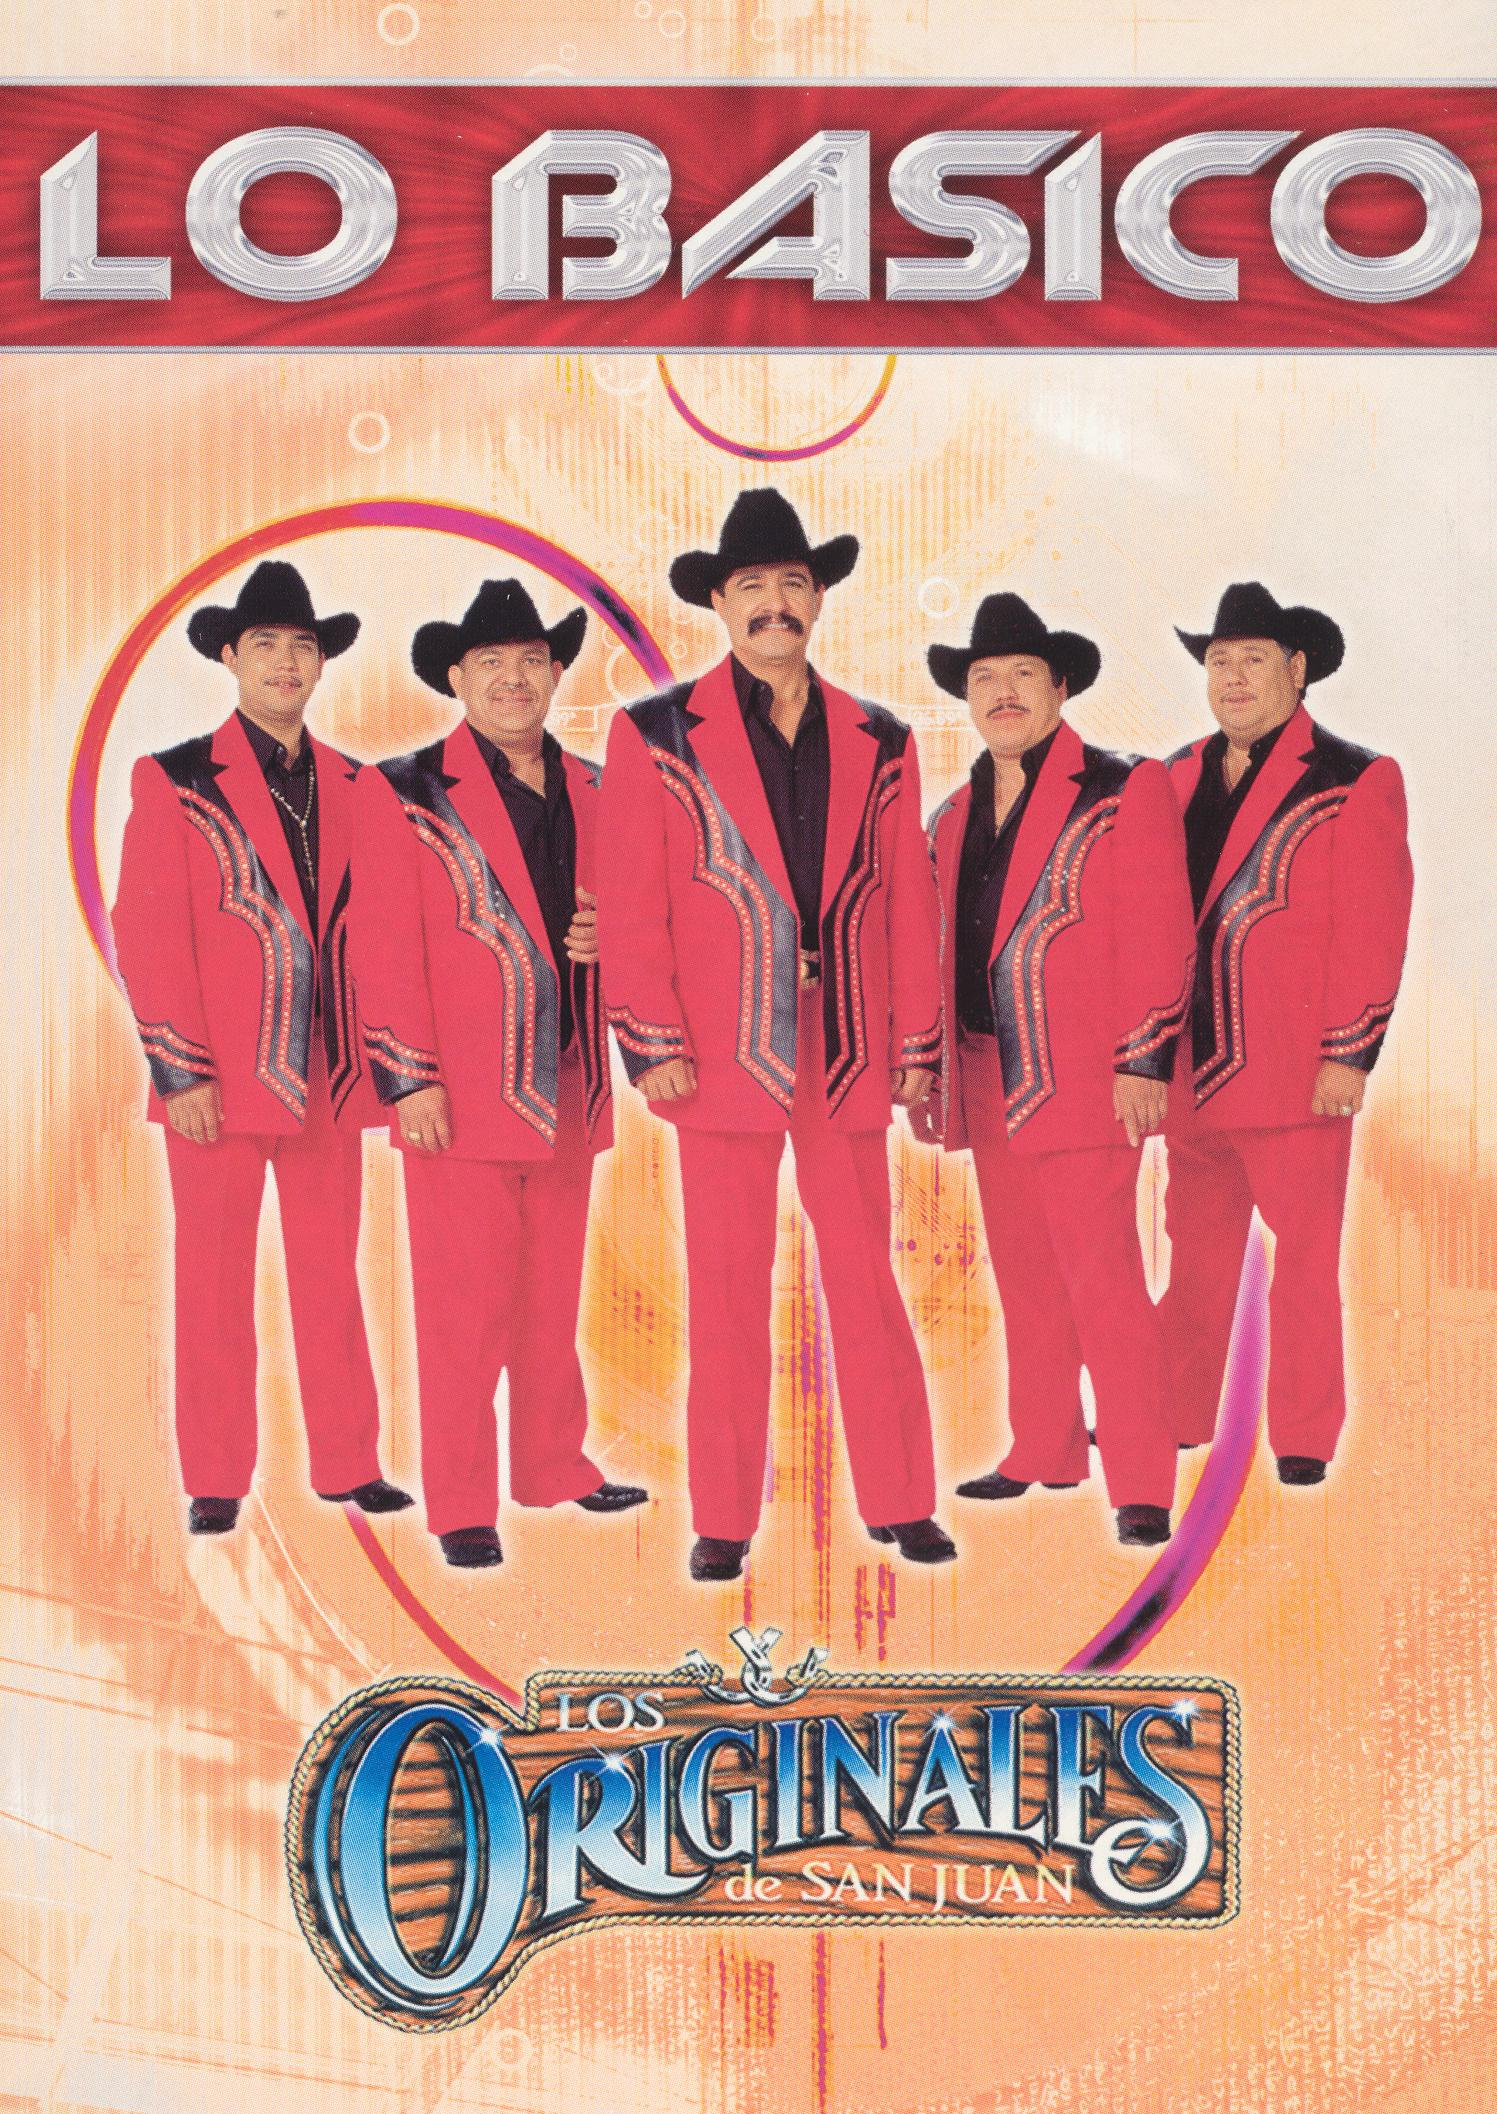 Los Originales de San Juan: Lo Basico